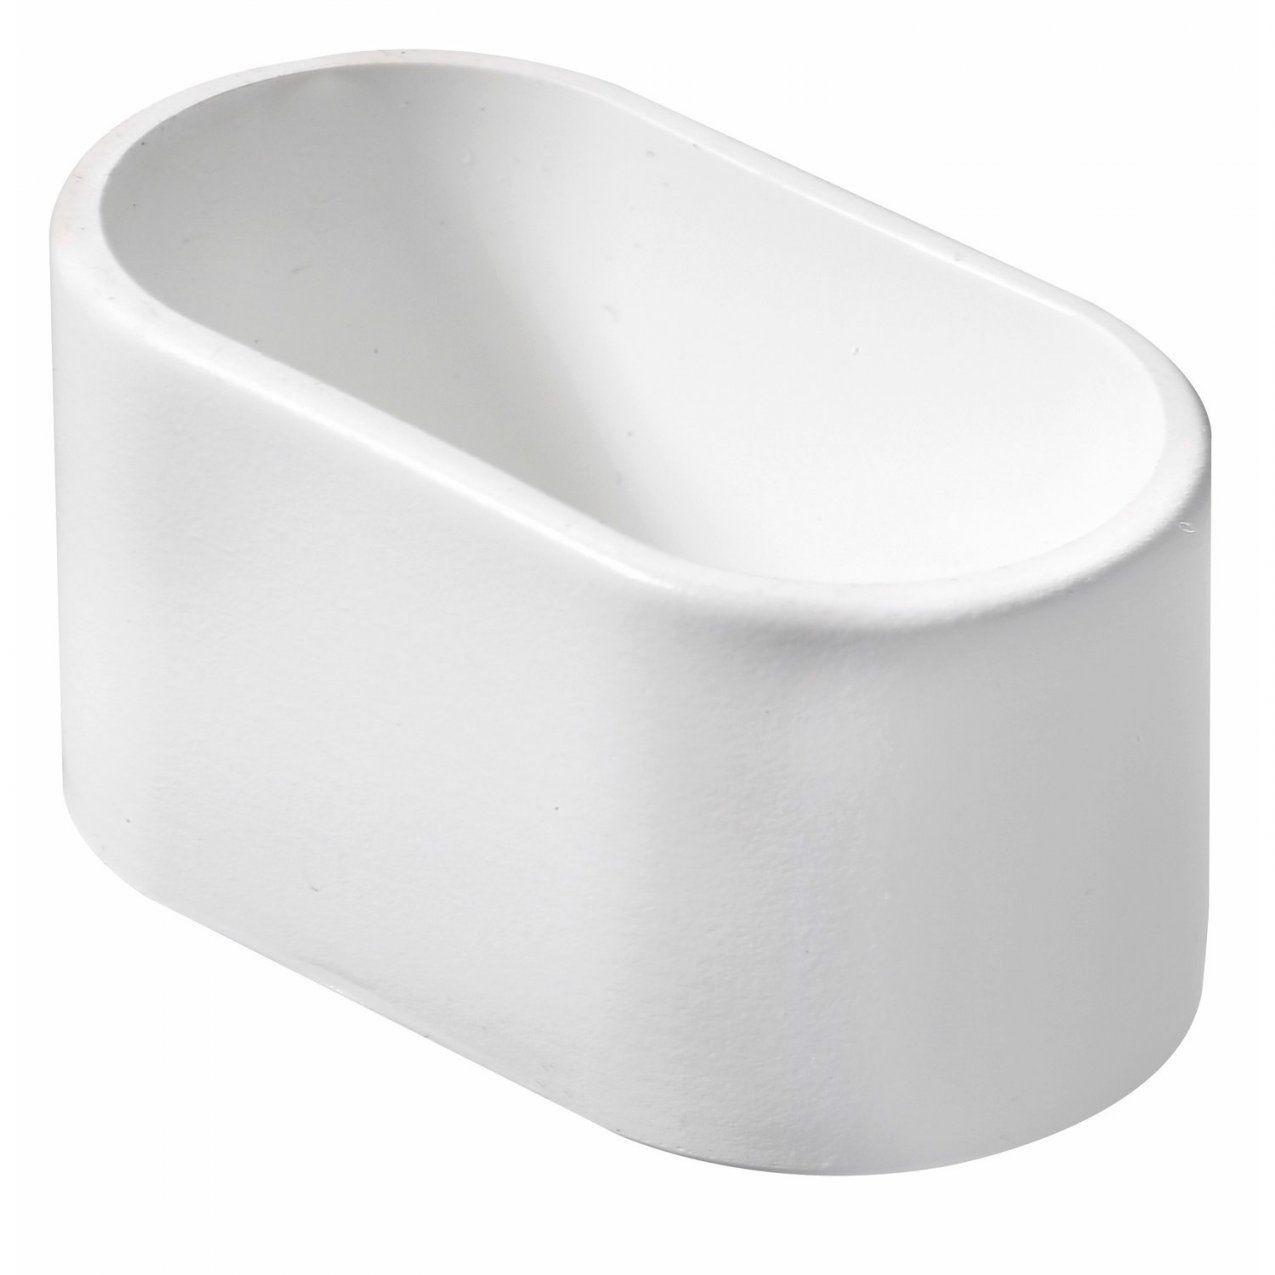 Hettich Fußkappe Für Ovale Rohre 38 Mm X 20 Mm Weiß Kaufen Bei Obi von Fußkappen Für Gartenstühle Oval Bild